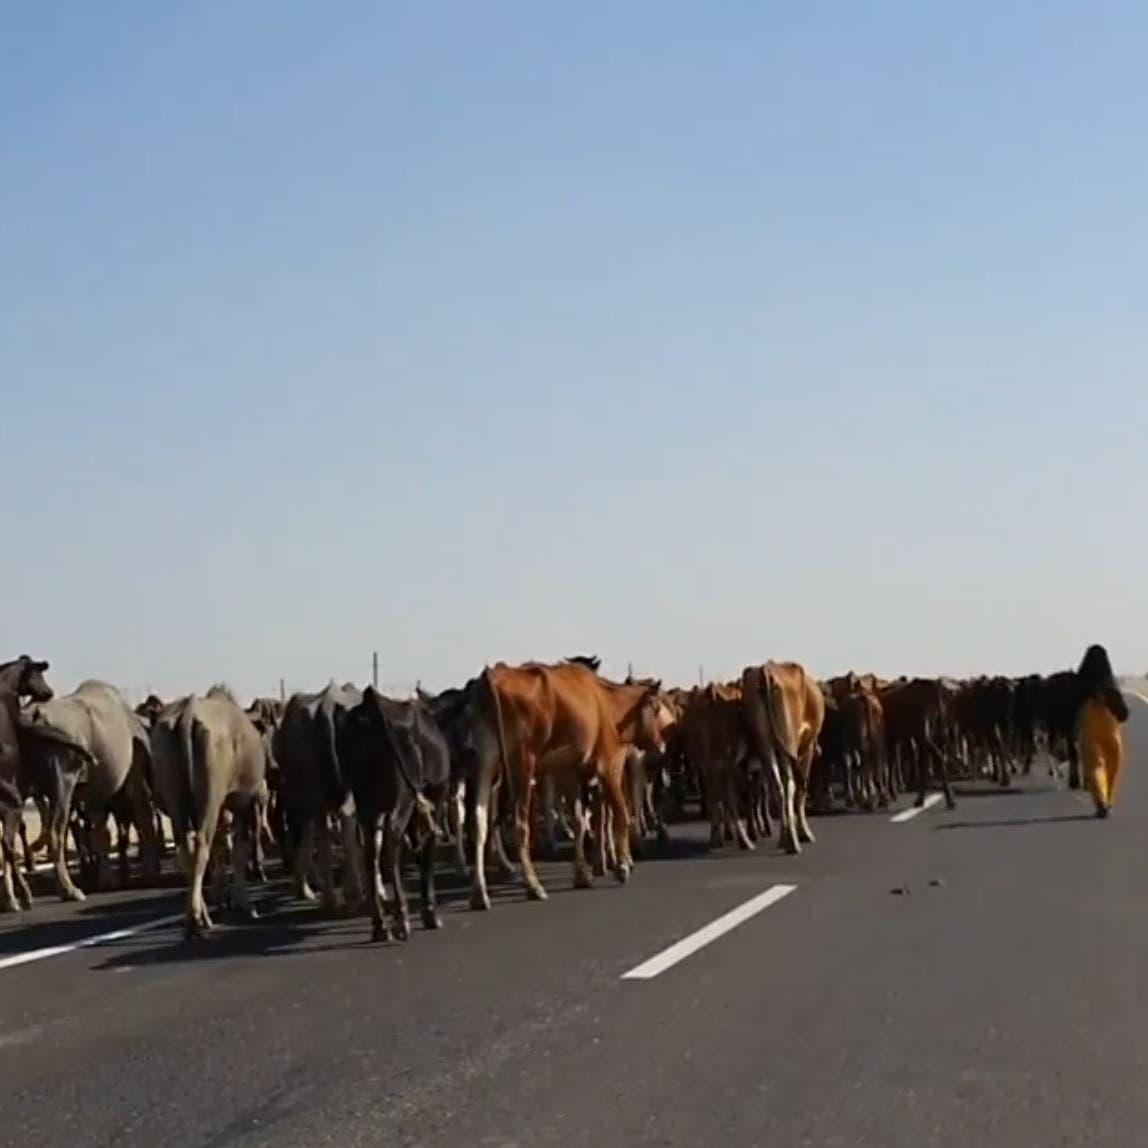 فيديو صادم.. سيدات يرعينقطيع أبقار على طريق في مصر!